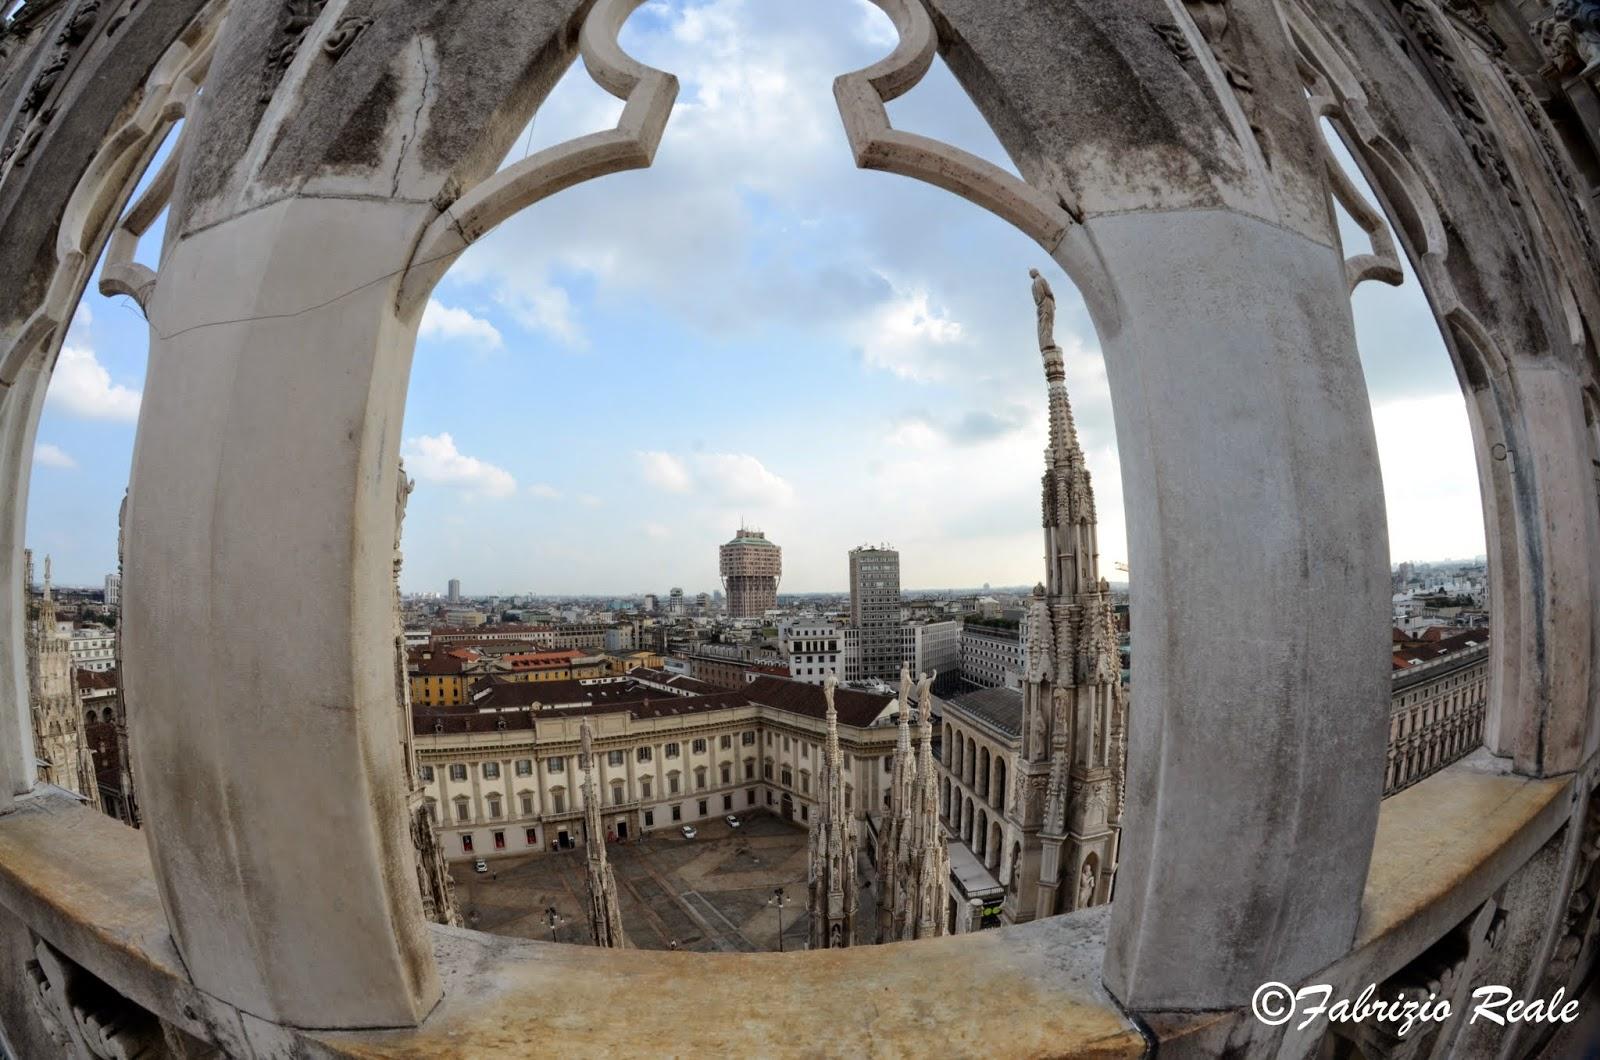 Milano vista dalla terrazza del duomo, con fish-eye | Fabrizio Reale ...